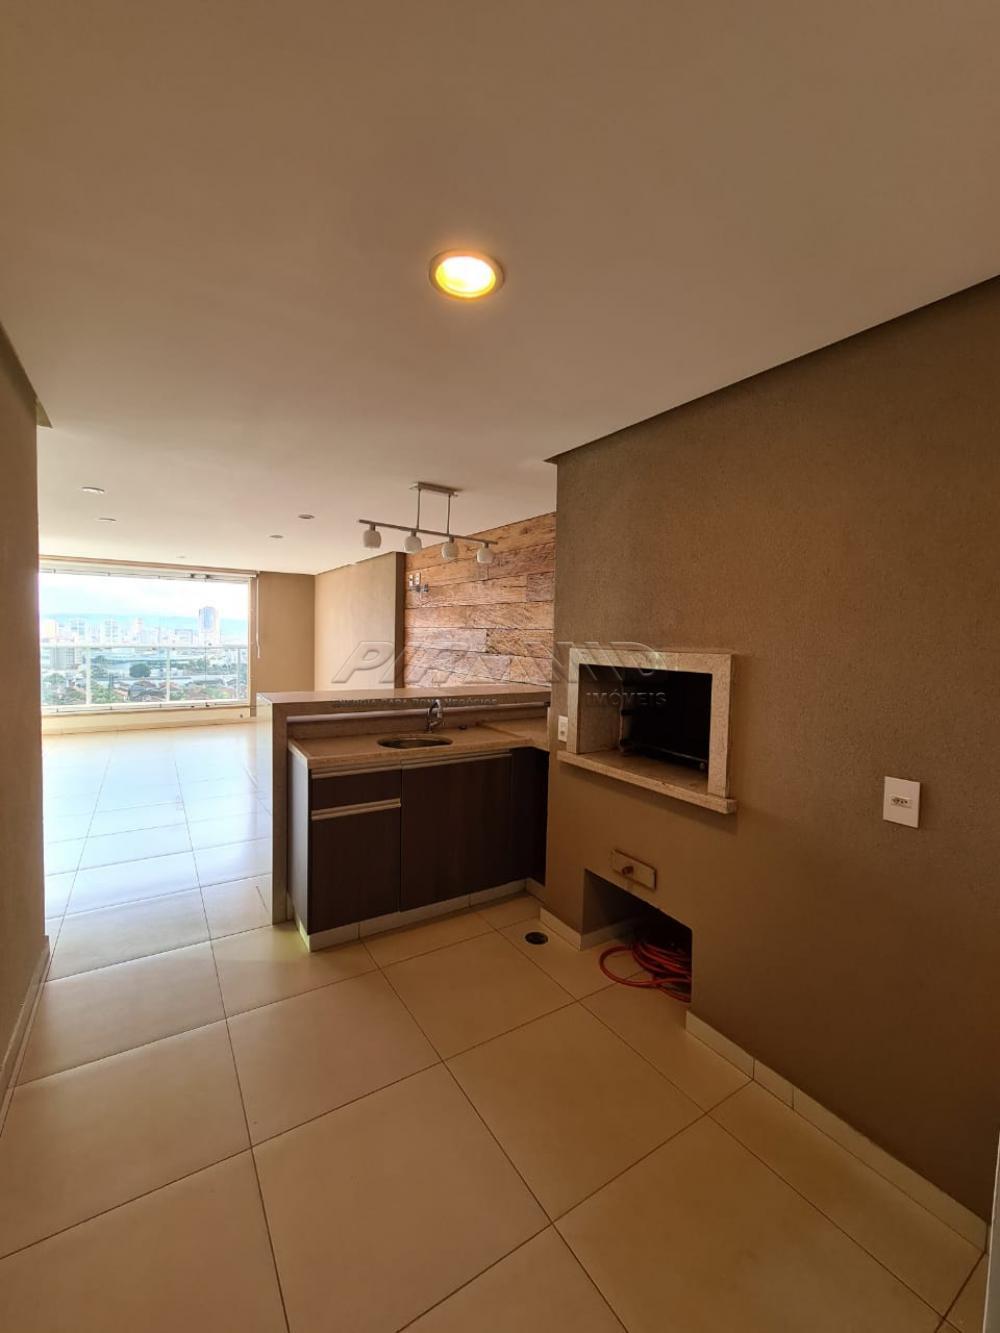 Alugar Apartamento / Padrão em Ribeirão Preto R$ 8.000,00 - Foto 10